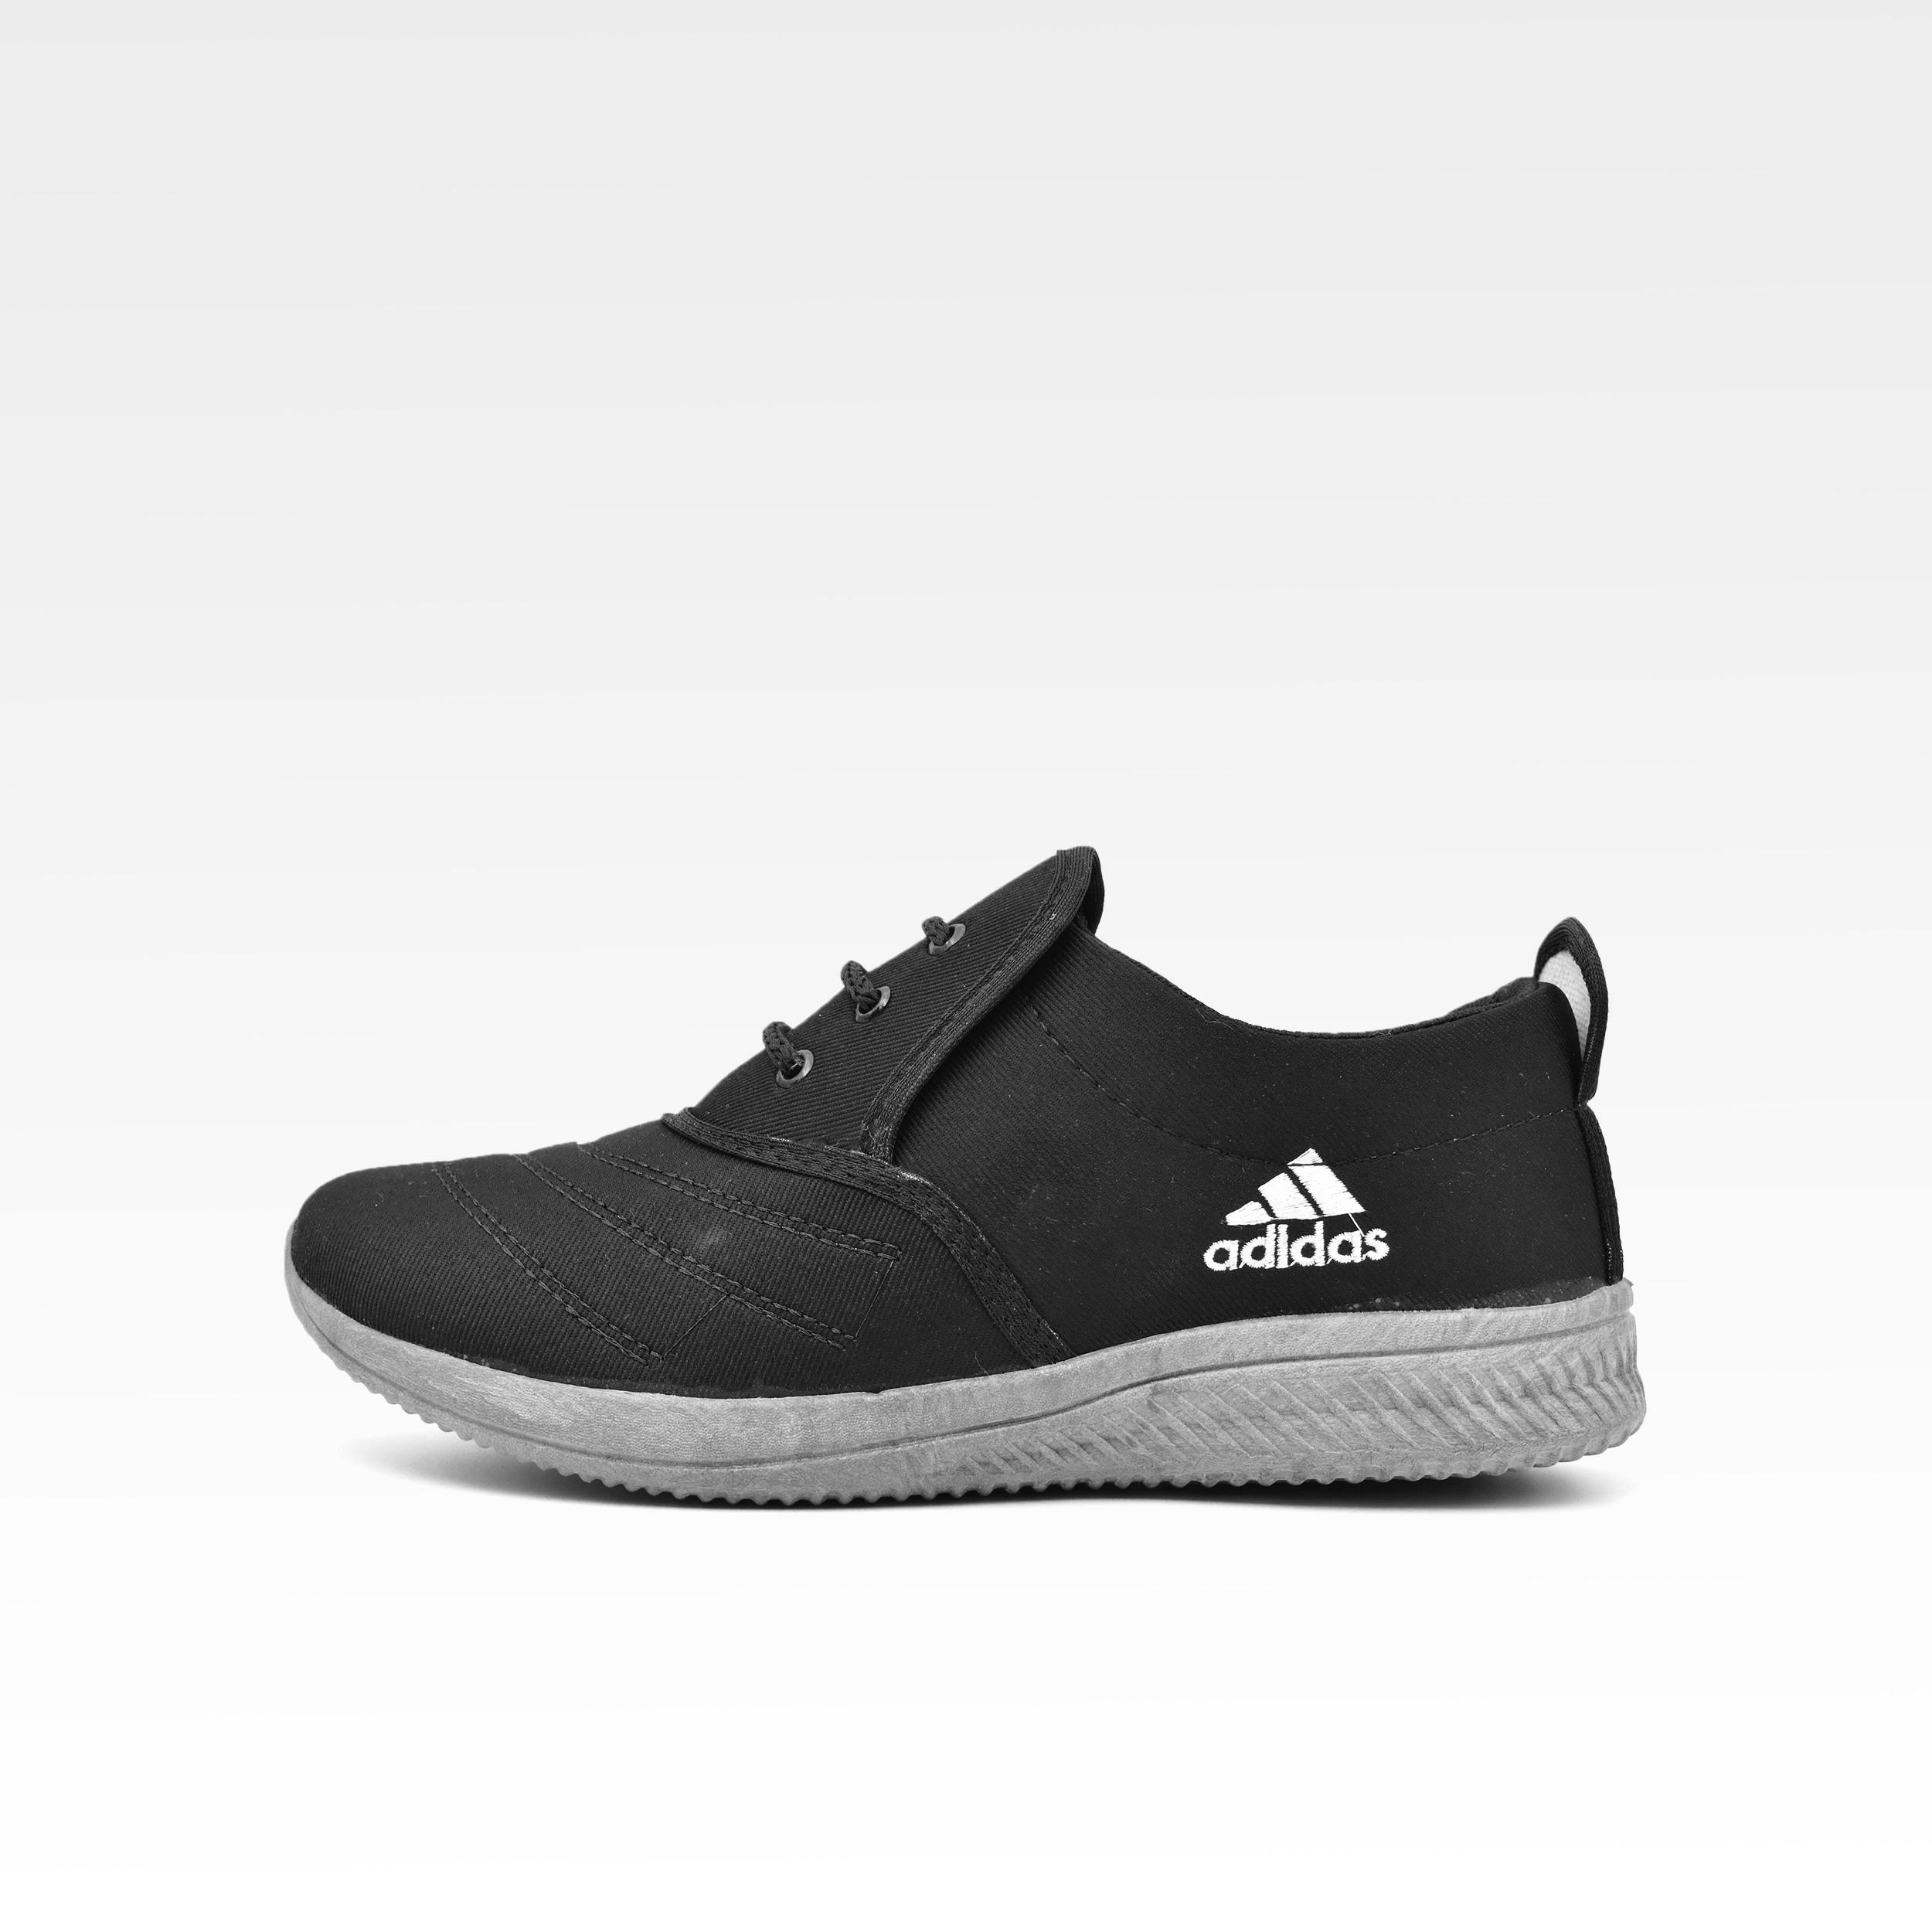 قیمت خرید کفش مخصوص پیاده روی مردانه مدل آراز کد 6616 اورجینال